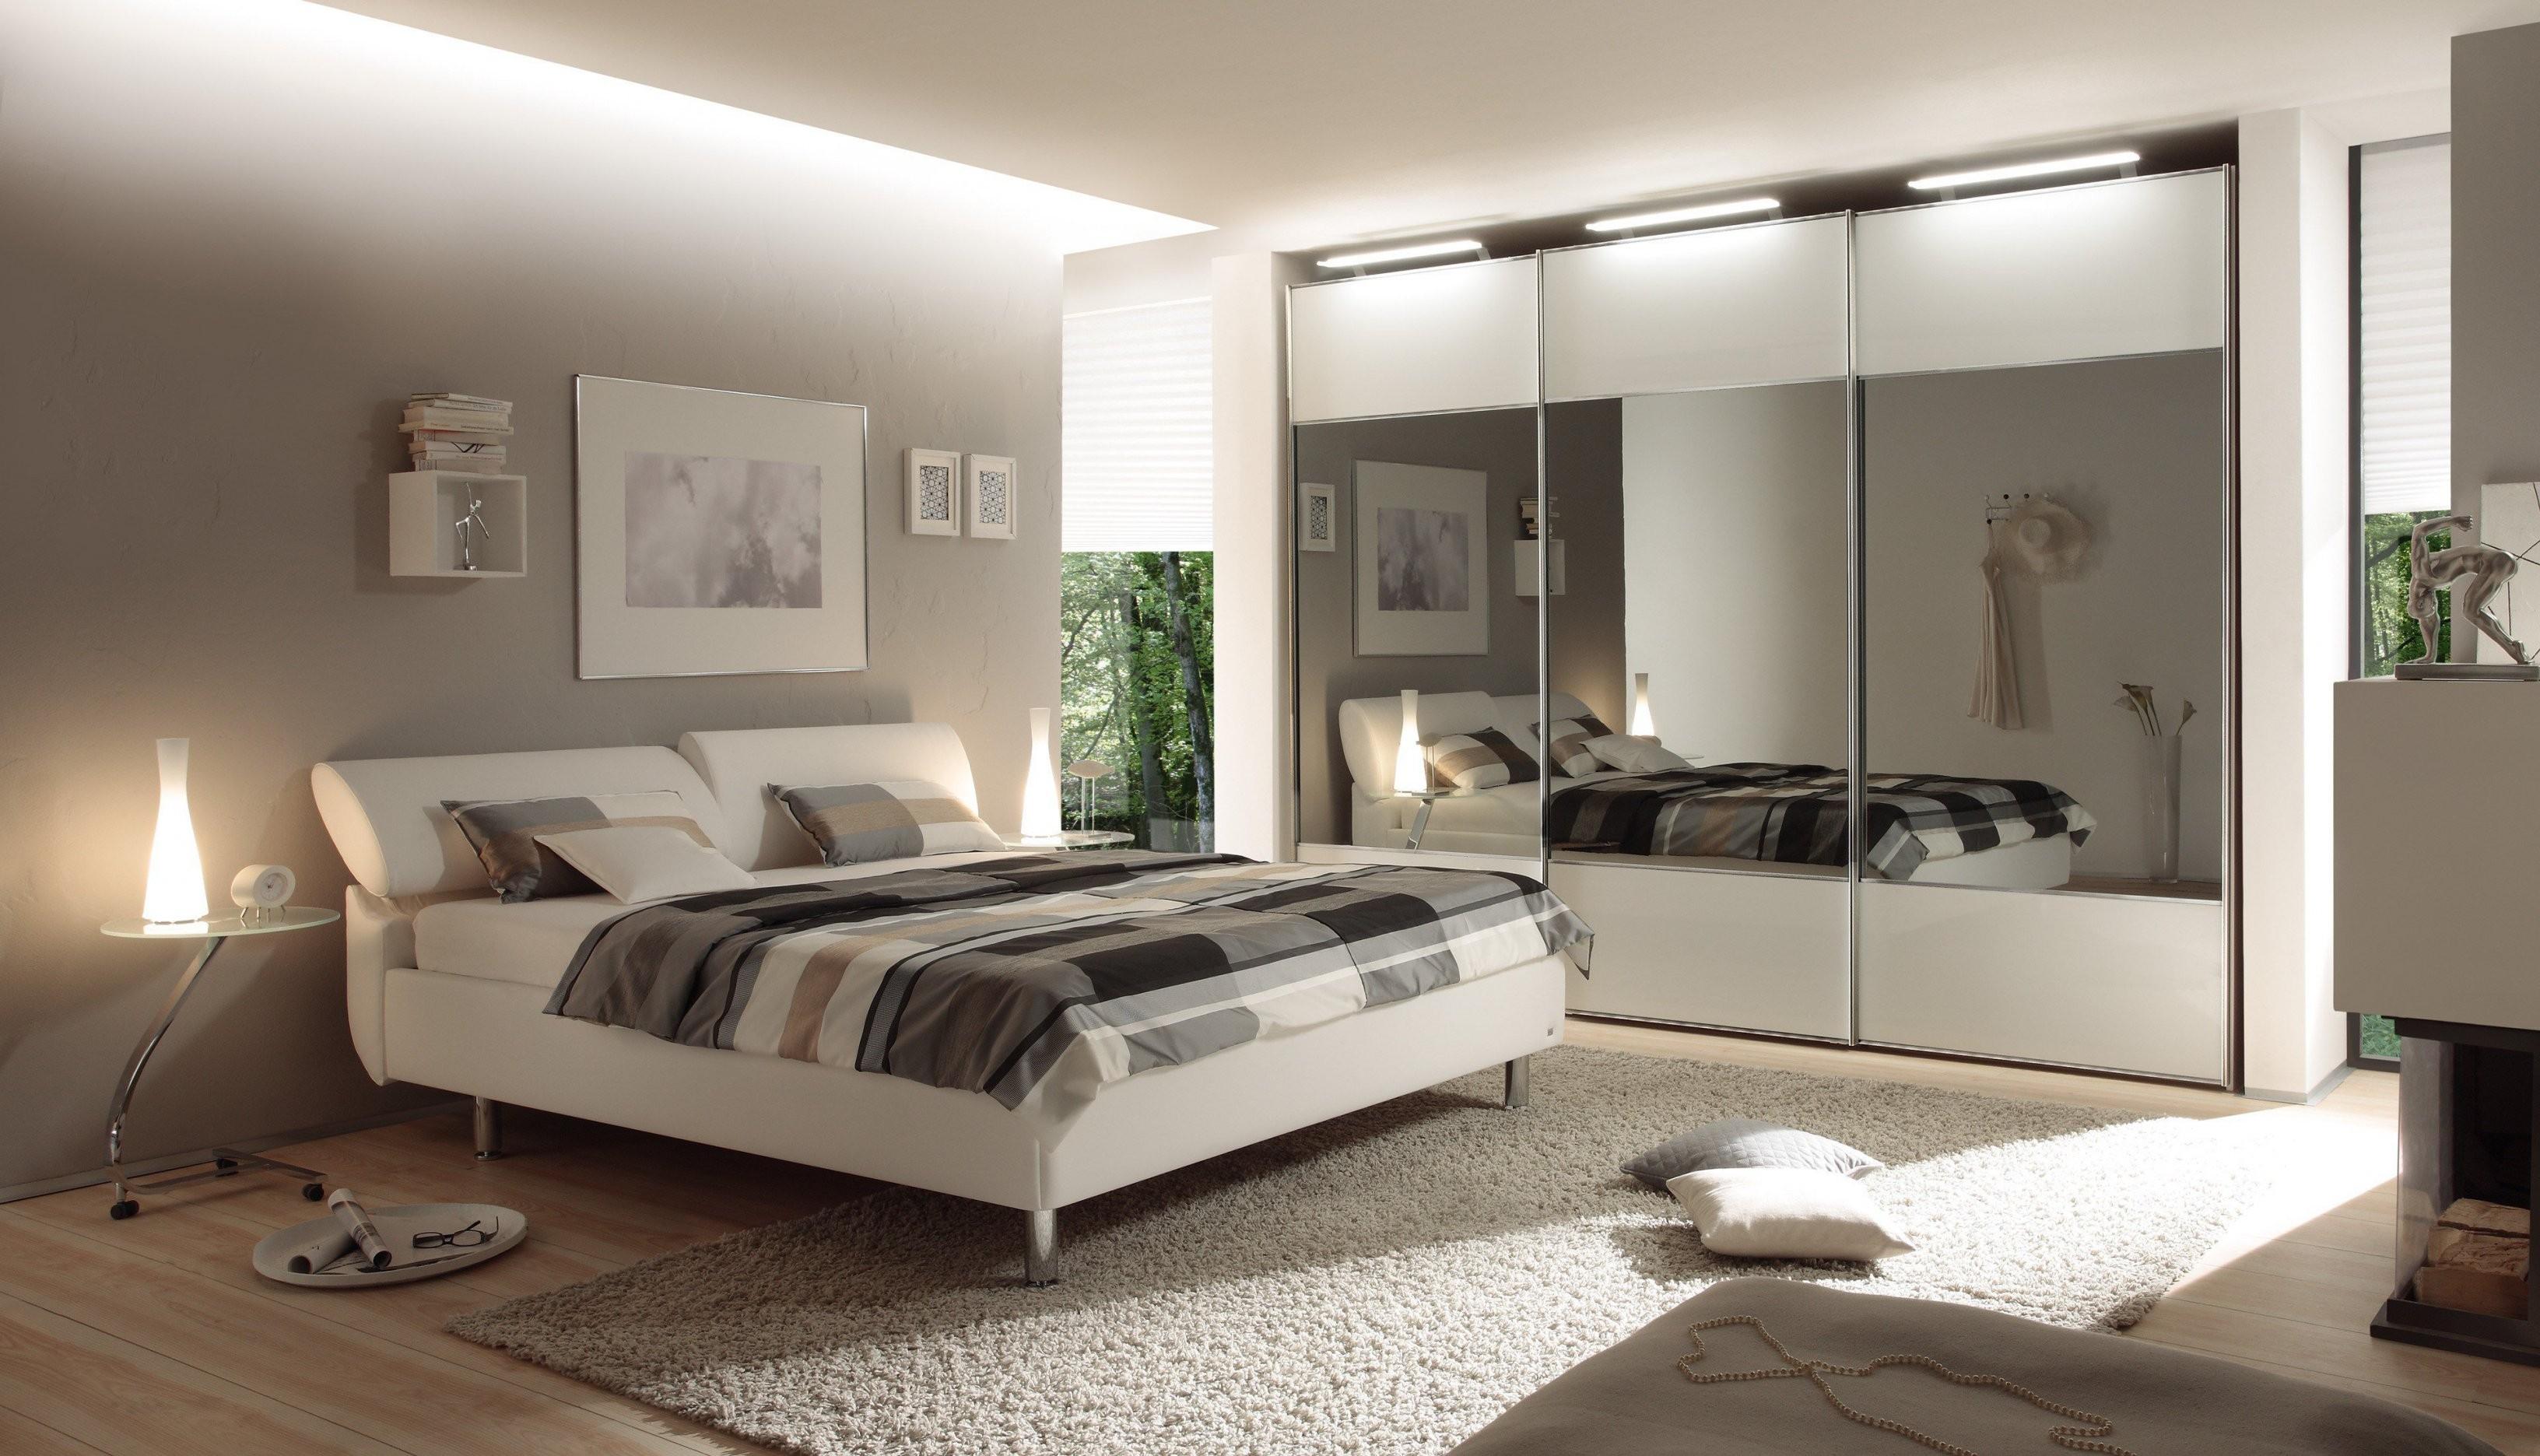 Ruf Polsterbett Modell Casa Im Eleganten Weiß  Möbel Letz  Ihr von Ruf Bett Mit Bettkasten Bild